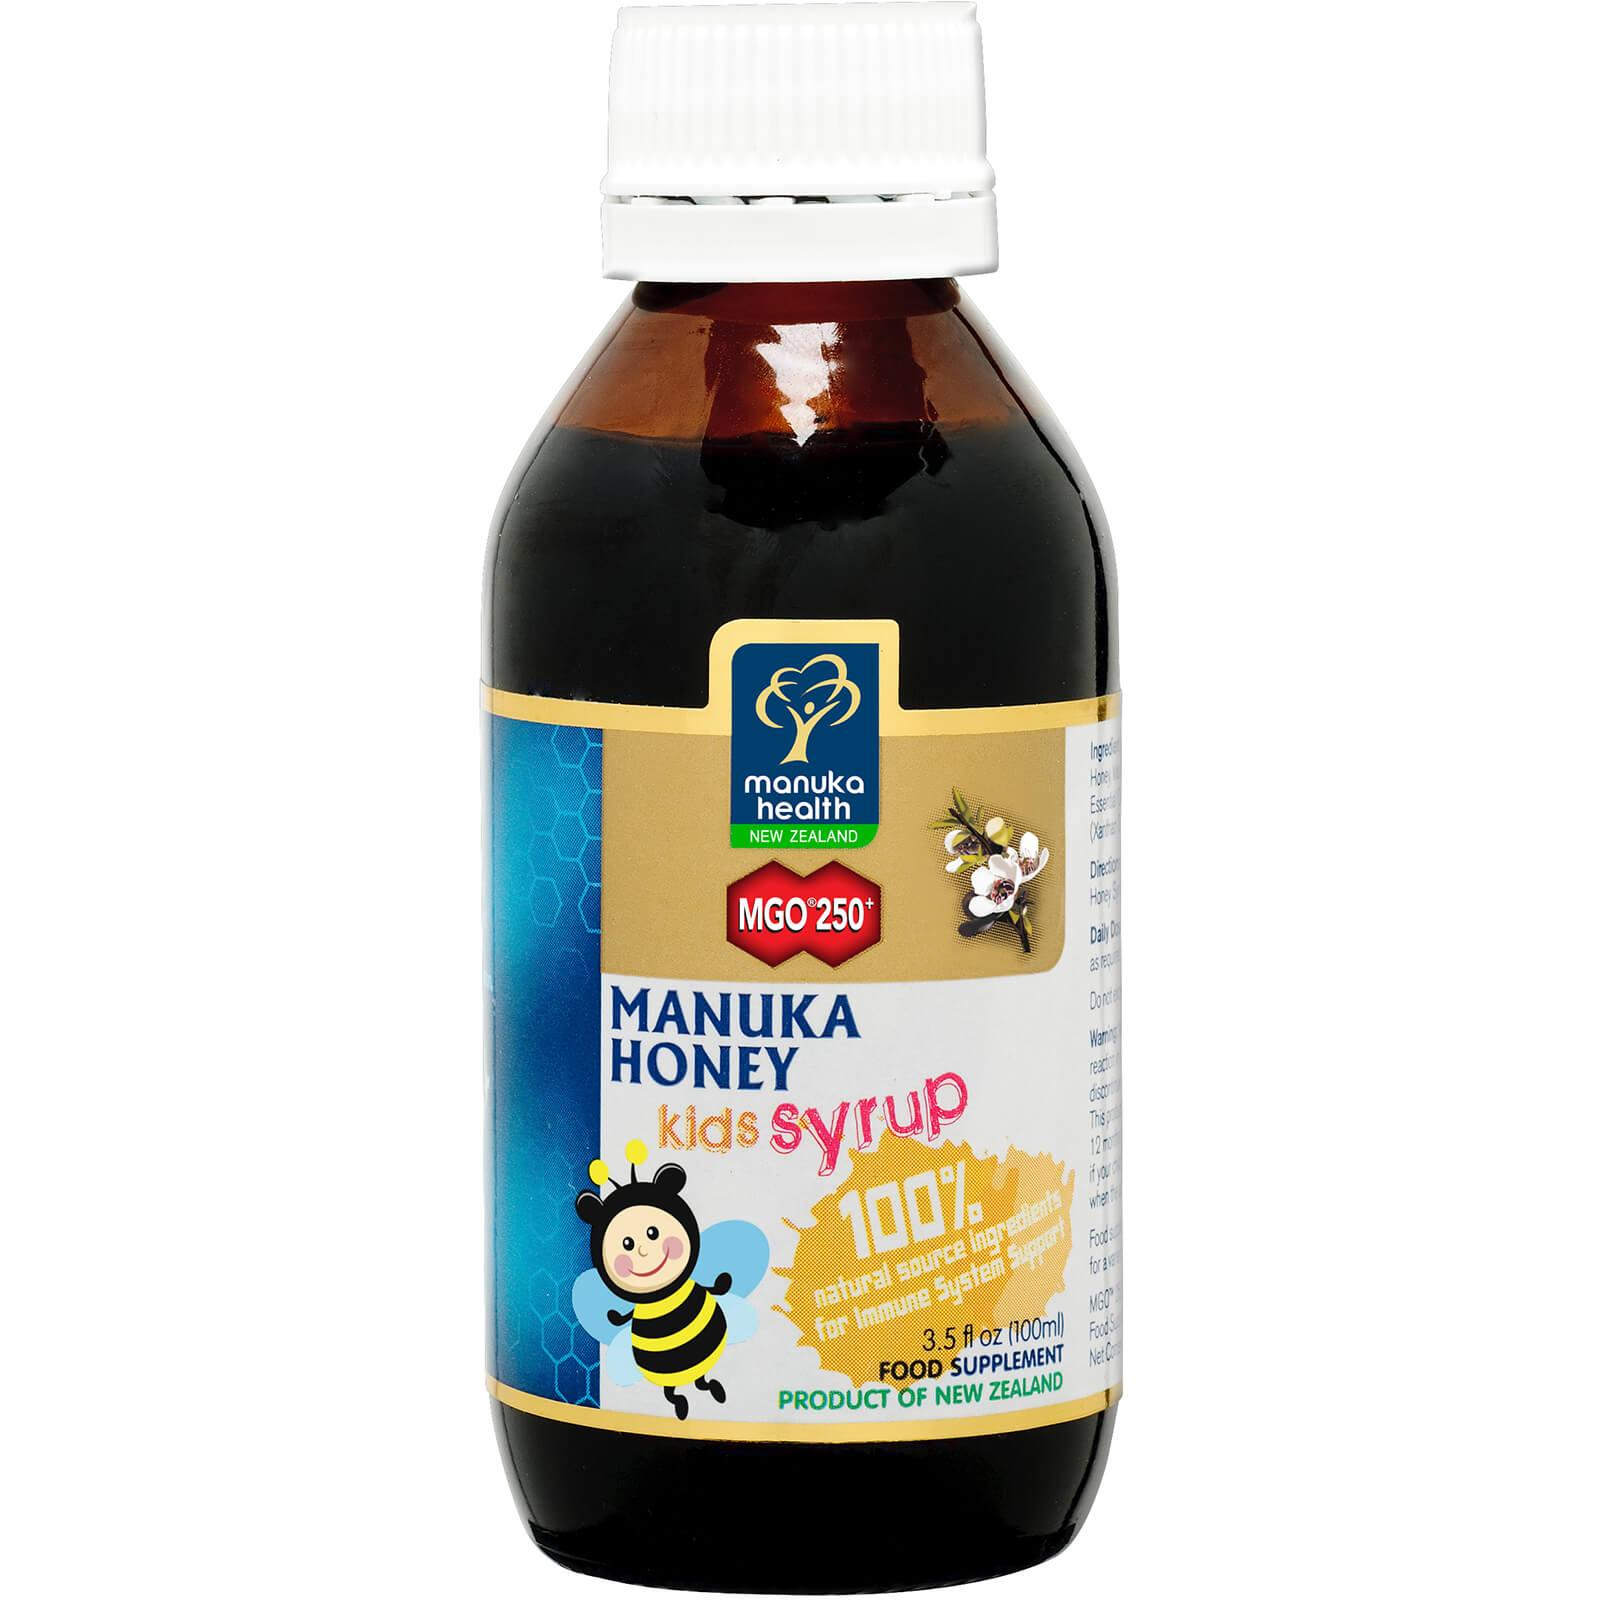 Manuka Health New Zealand Ltd Manuka Health sciroppo al miele di manuka MGO 250+ per bambini 100 ml